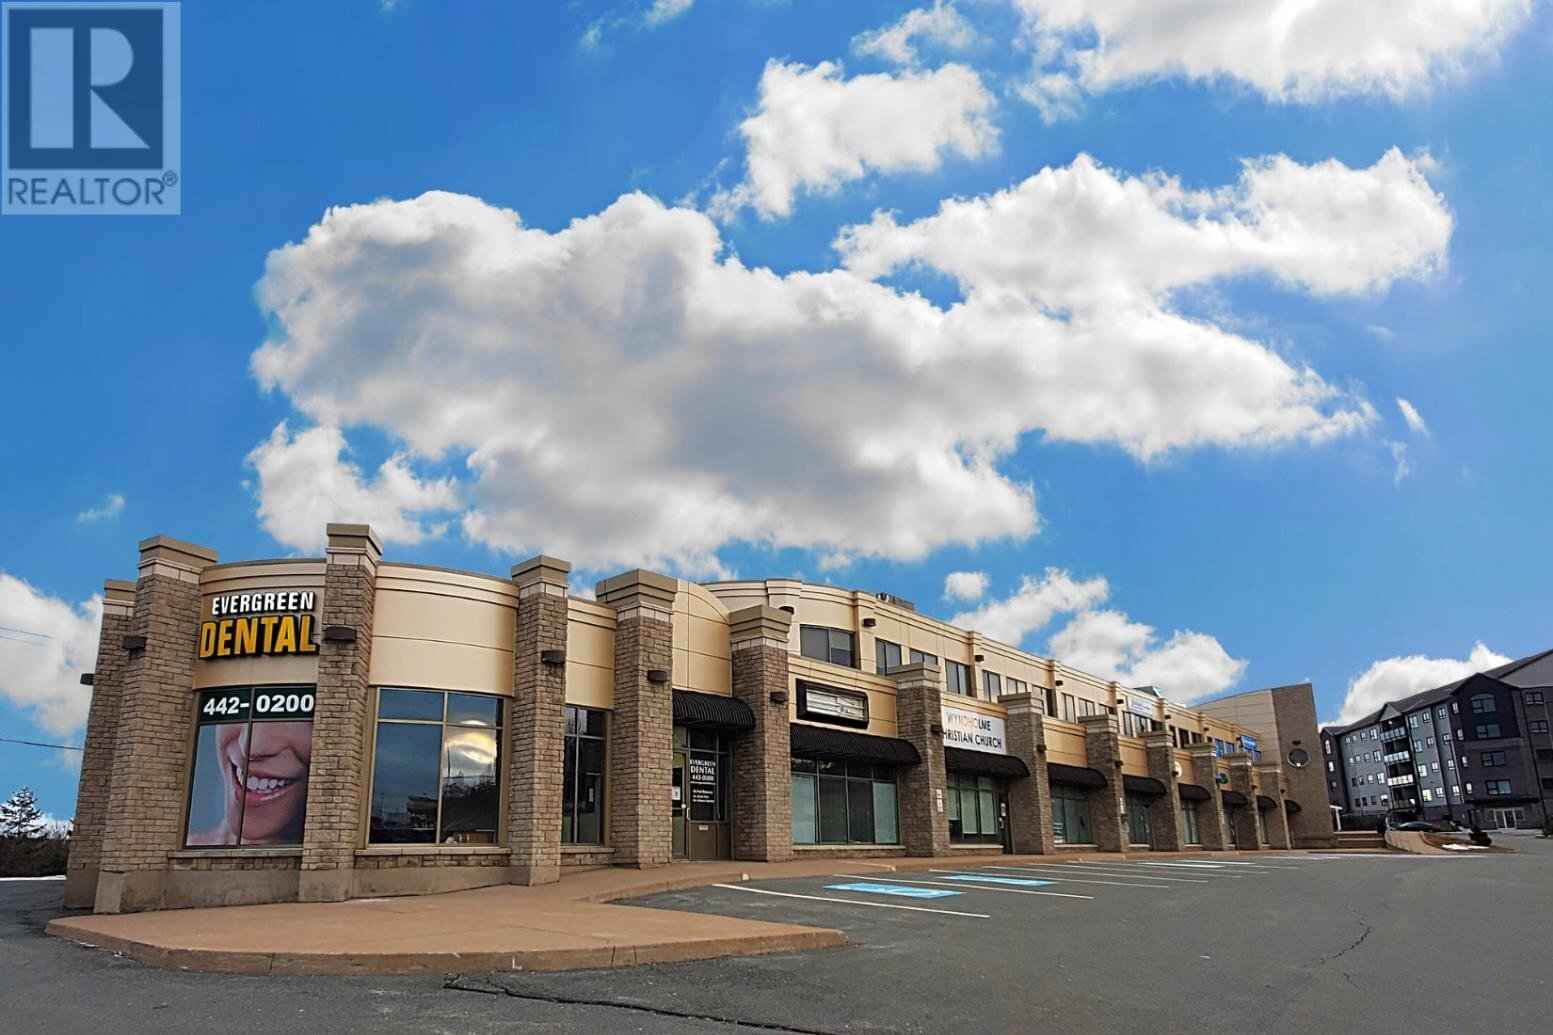 Property for rent at 530 Portland St Dartmouth Nova Scotia - MLS: 201919661